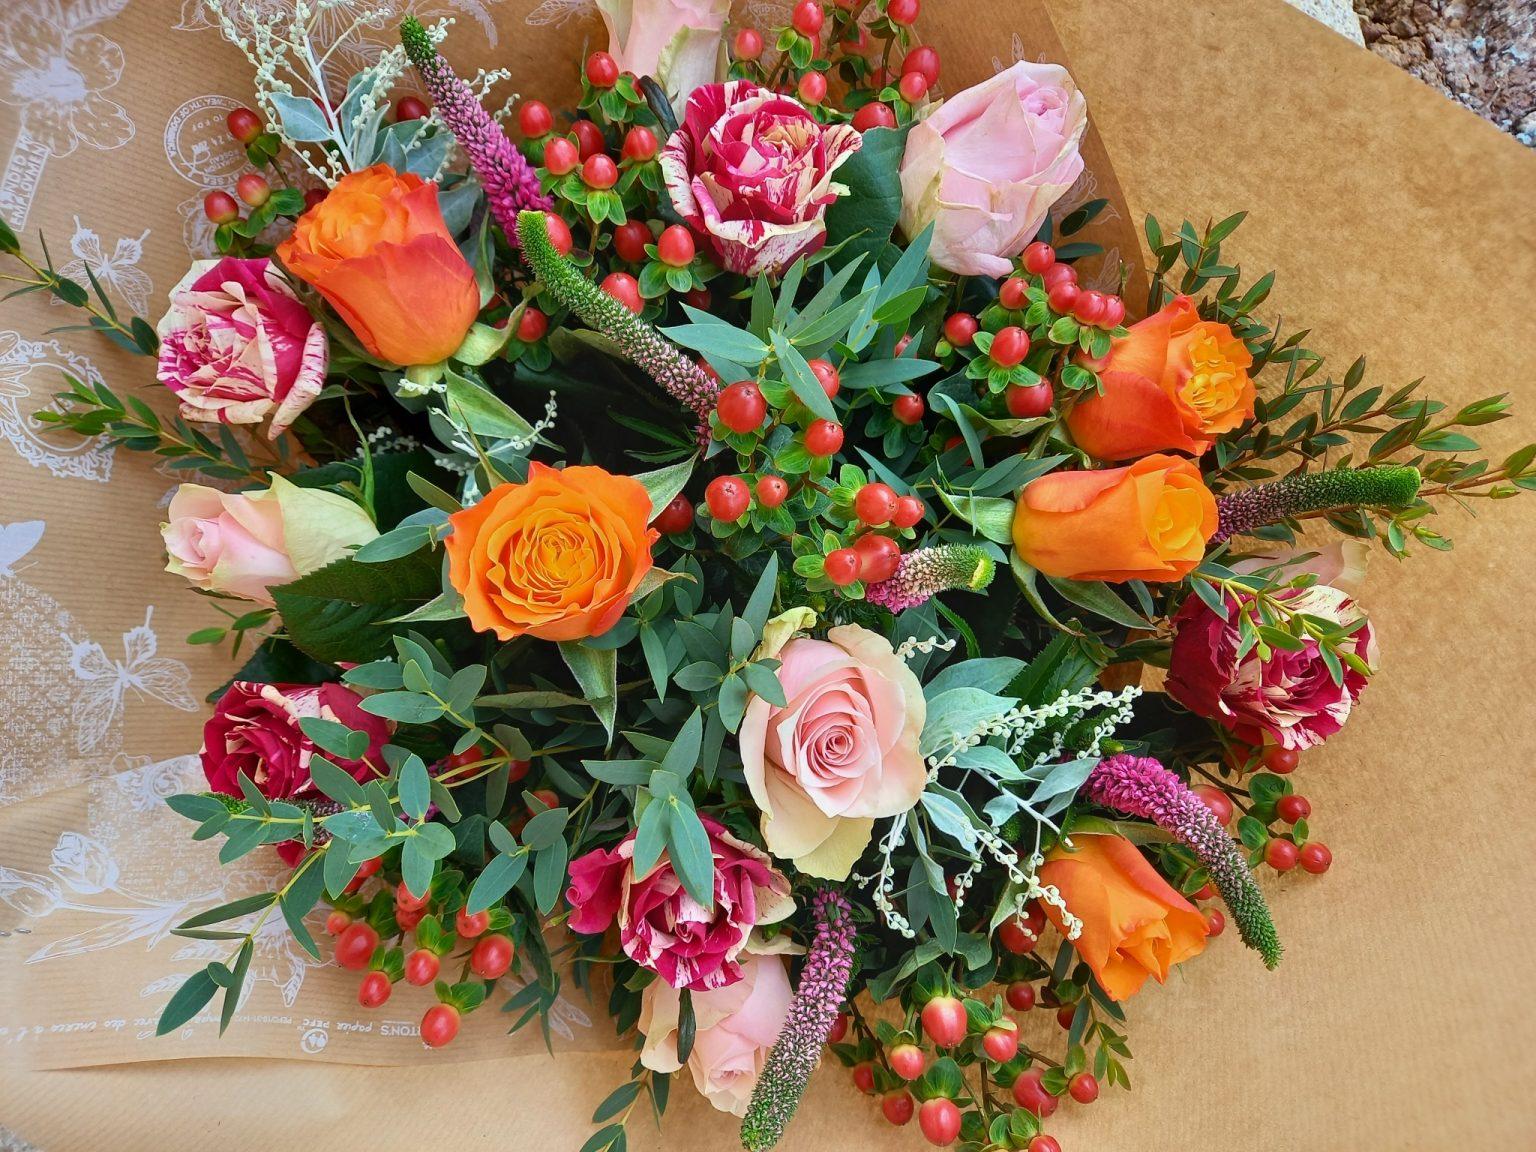 bouquet de roses et de feuillage